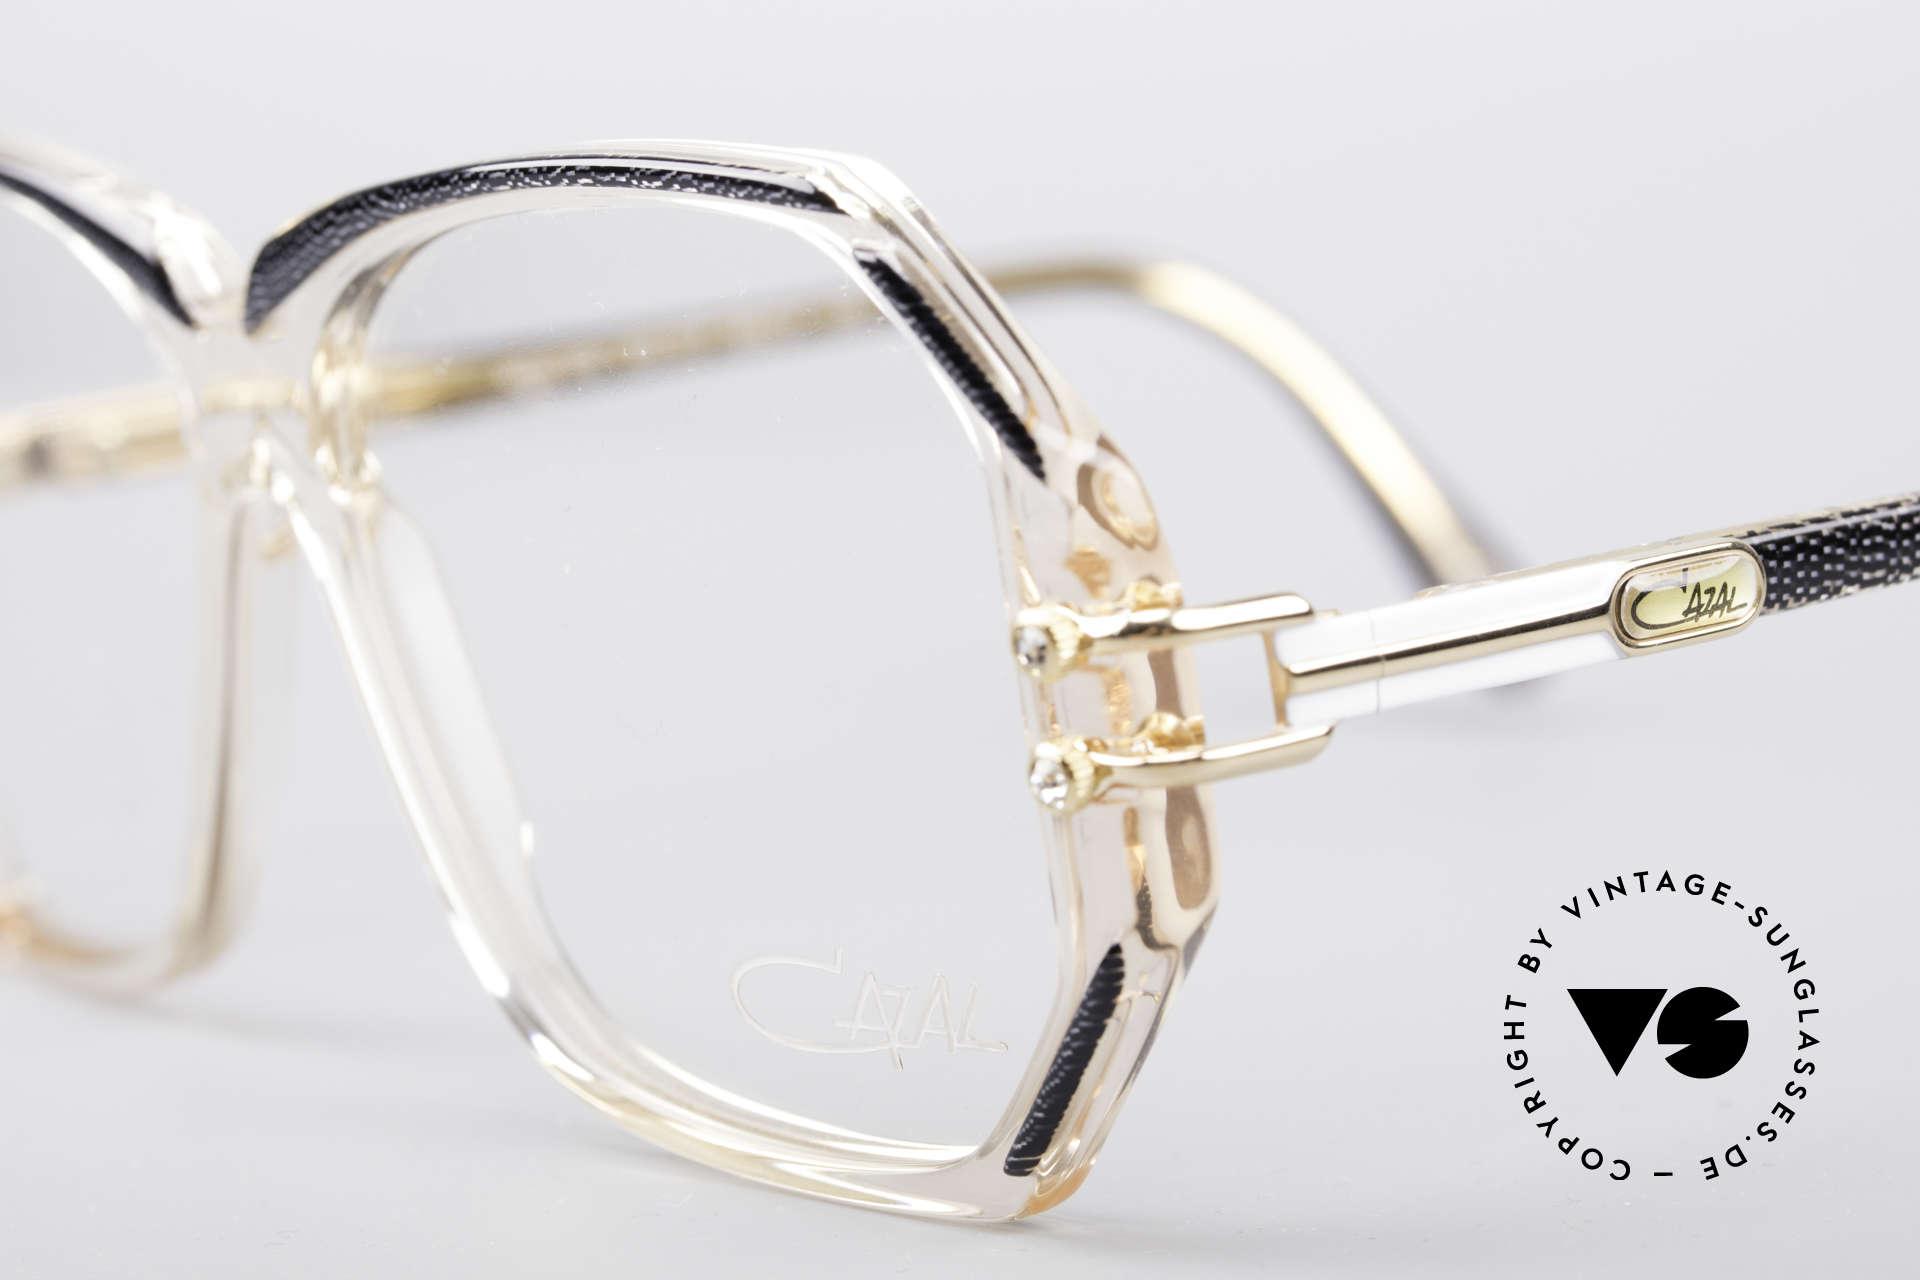 Cazal 169 Vintage Designer Brille, mit 4 kleinen dezenten Strass-Steinen als Zierschrauben, Passend für Damen